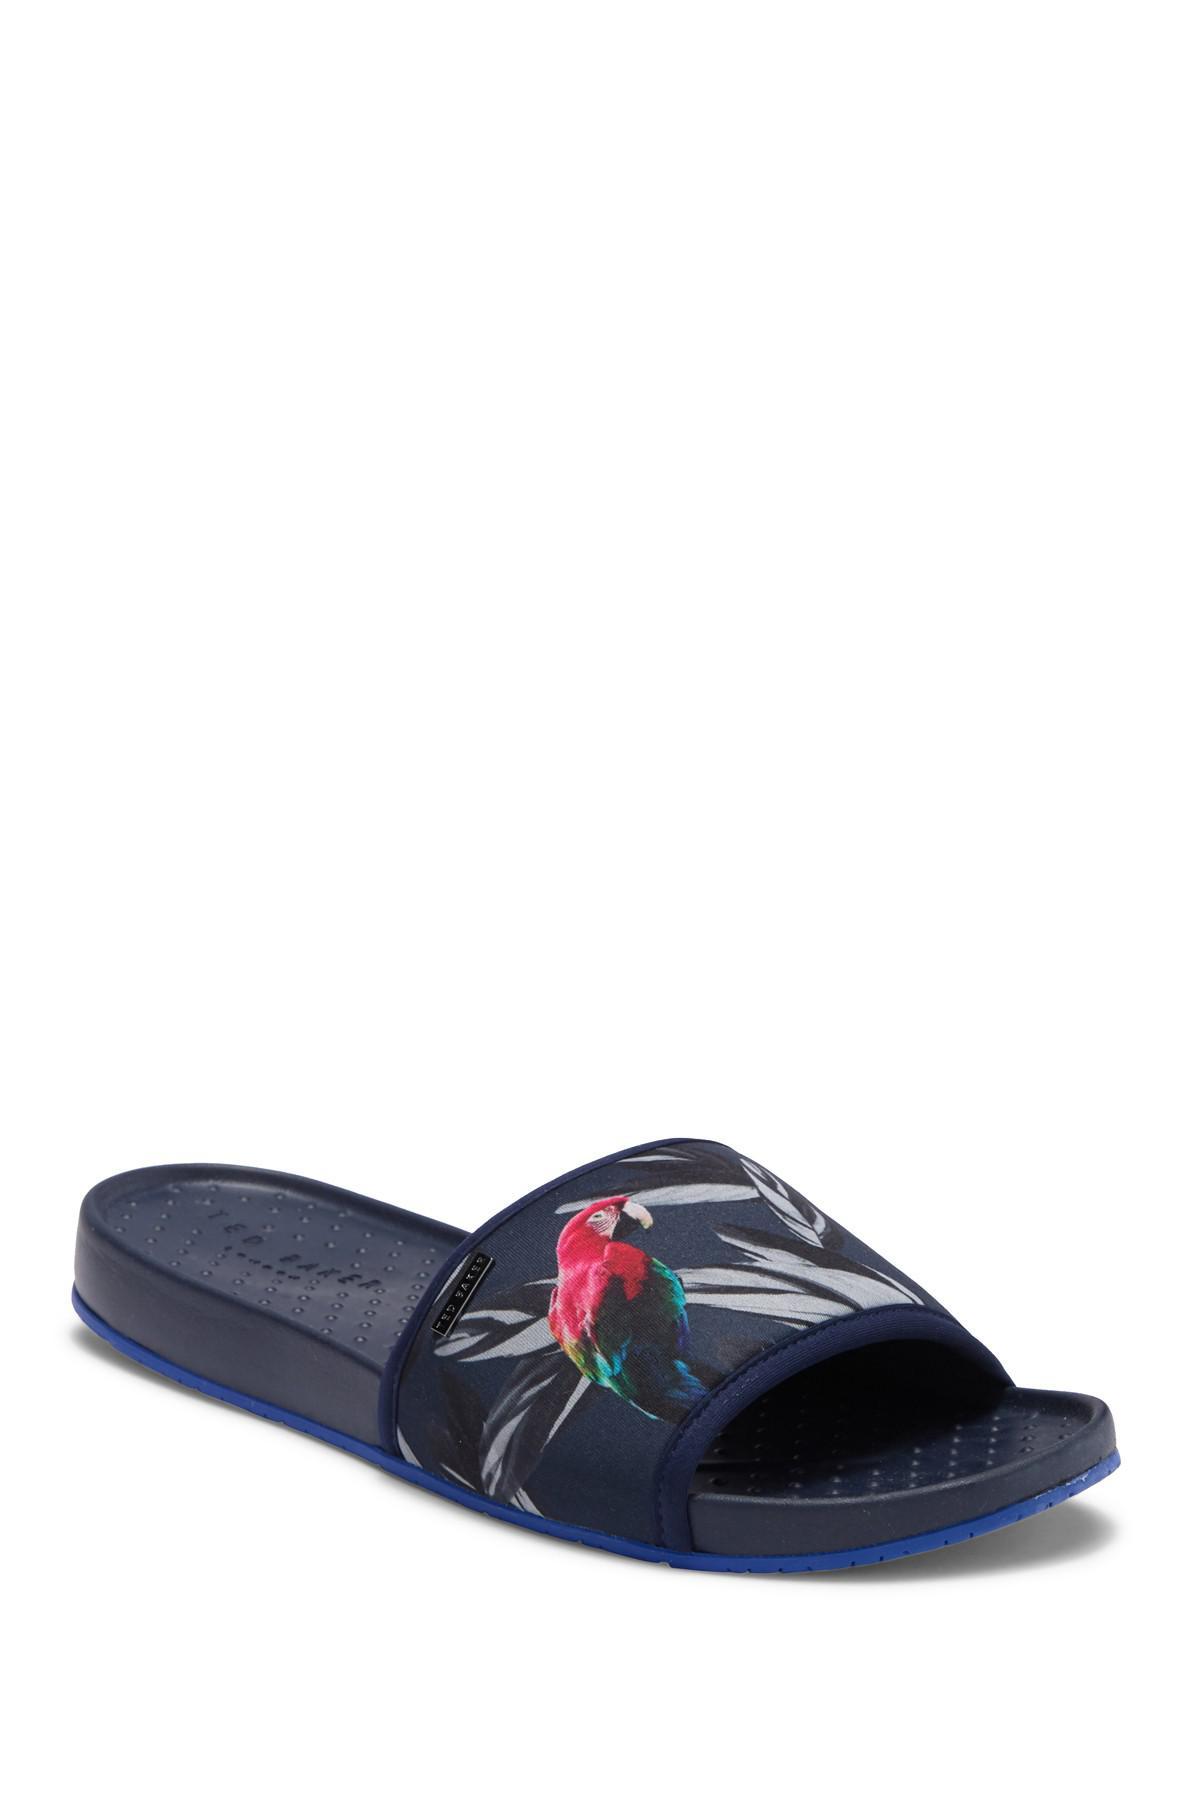 34b51ba6d6ff7 Lyst - Ted Baker Sauldi Slide Sandal in Blue for Men - Save 57%